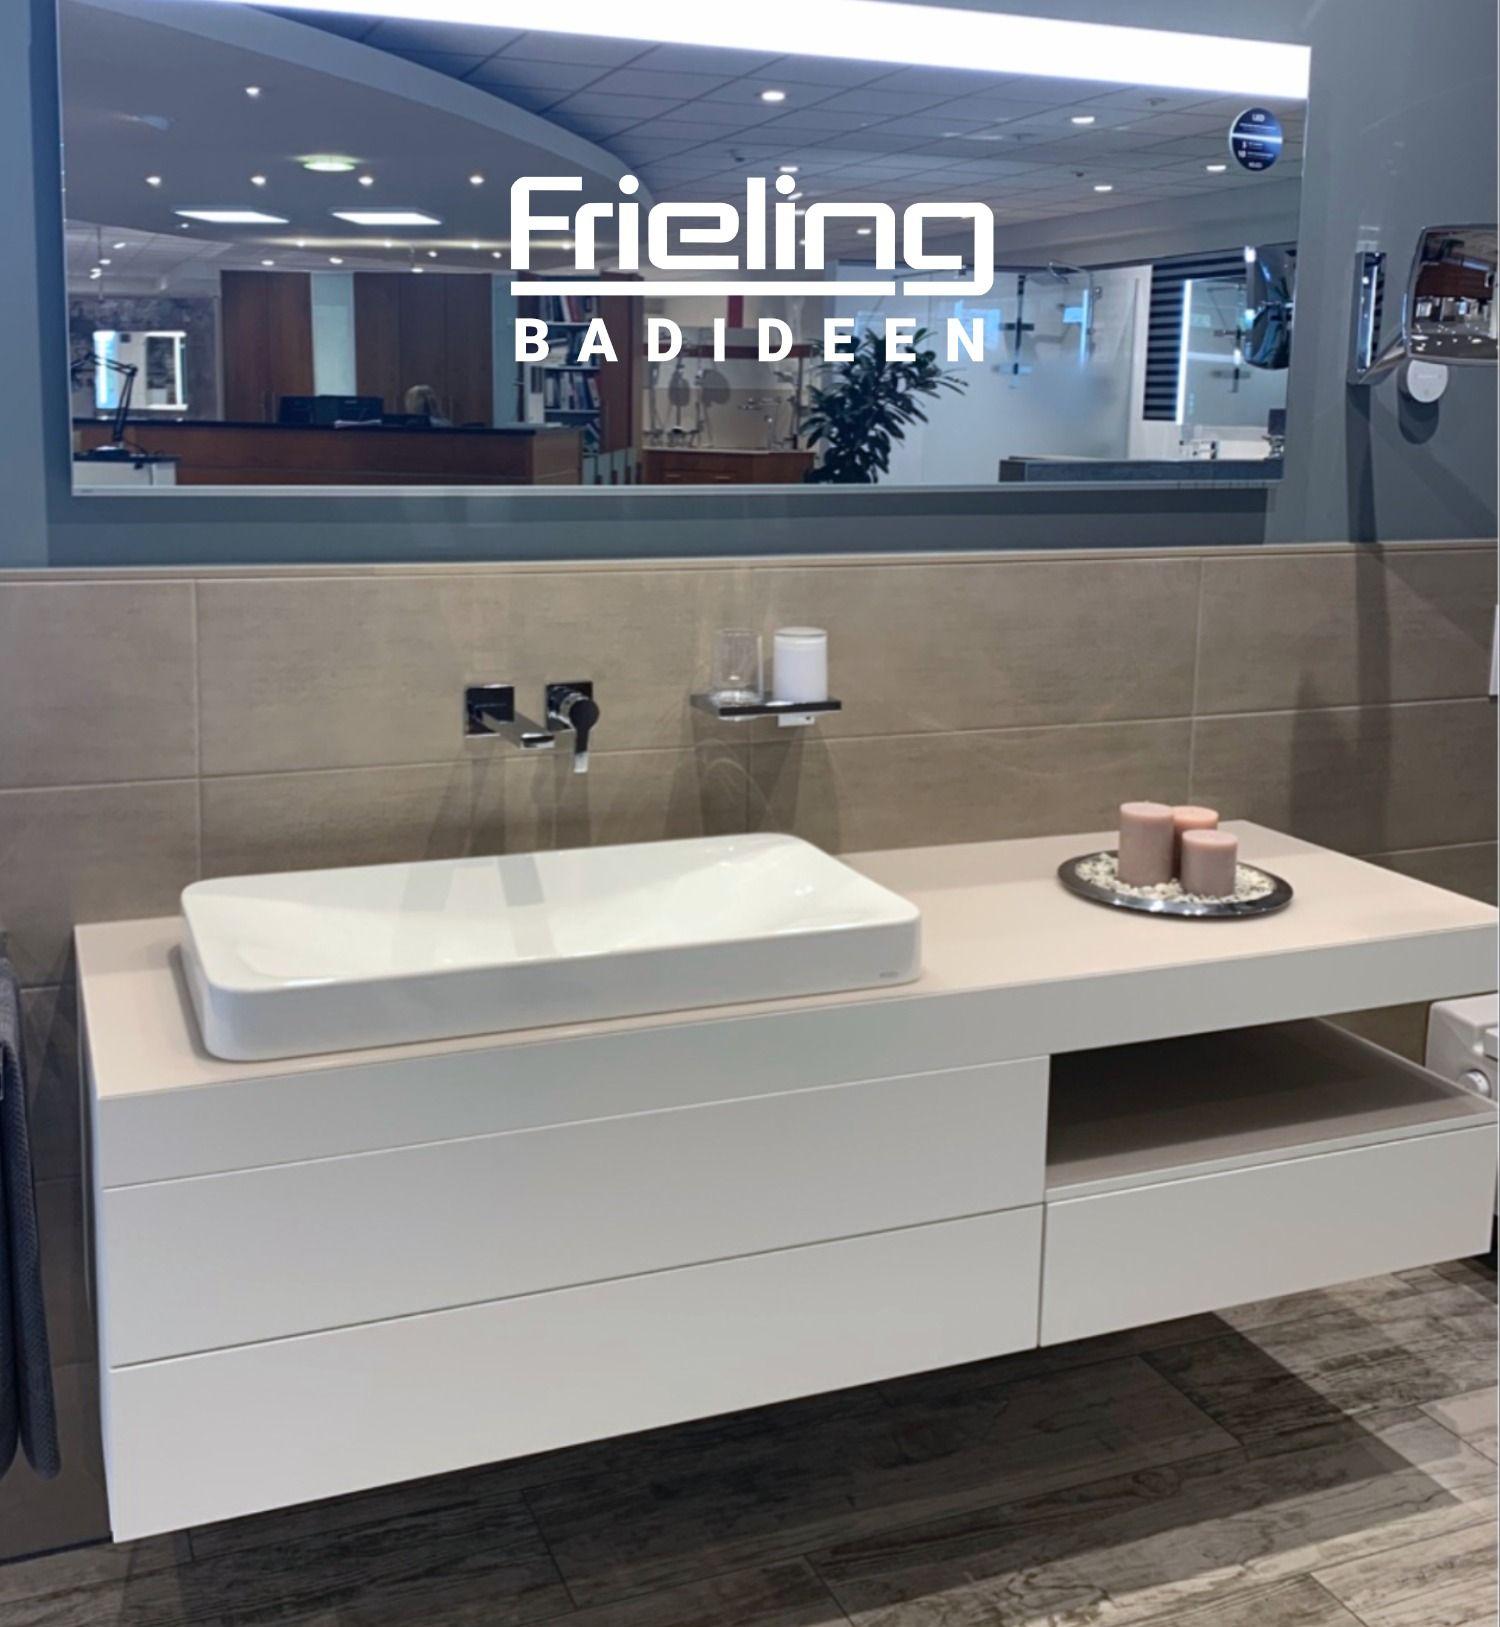 Elegant Zuruckhaltendes Bad Badezimmer Beeindrucken Raume Wie Die Profis Einrichten Zuhause In 2020 Badezimmer Badezimmerspiegel Bader Ideen